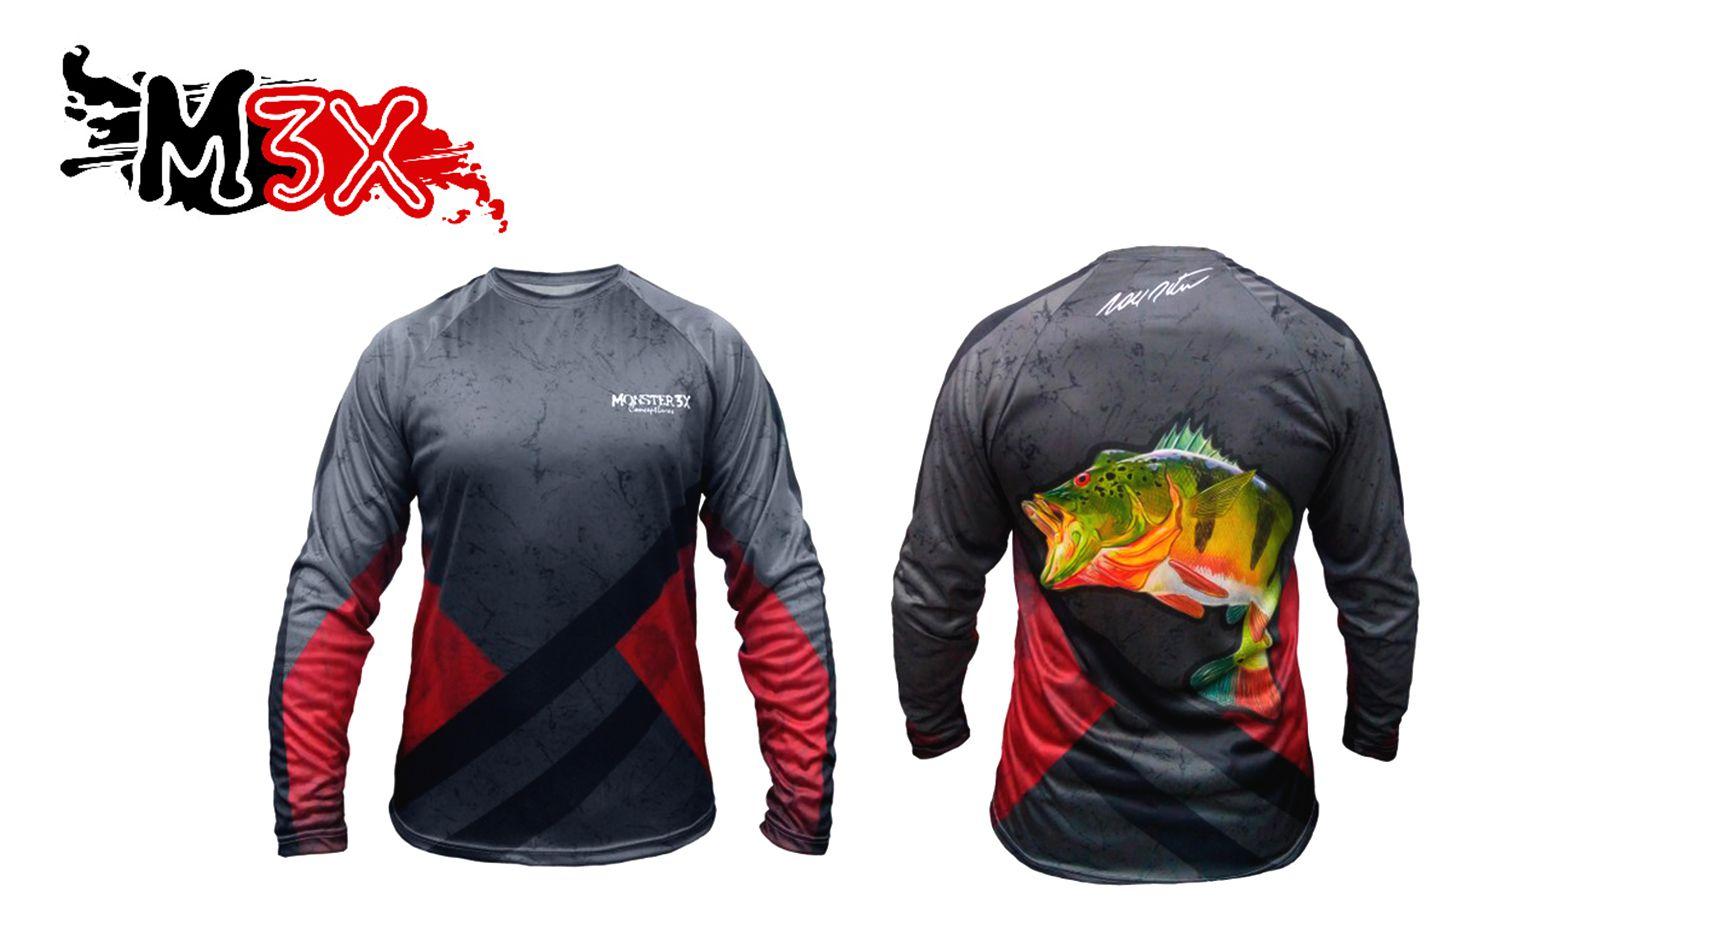 Camiseta de Pesca Joel Datena 01 - Monster 3X  - Life Pesca - Sua loja de Pesca, Camping e Lazer